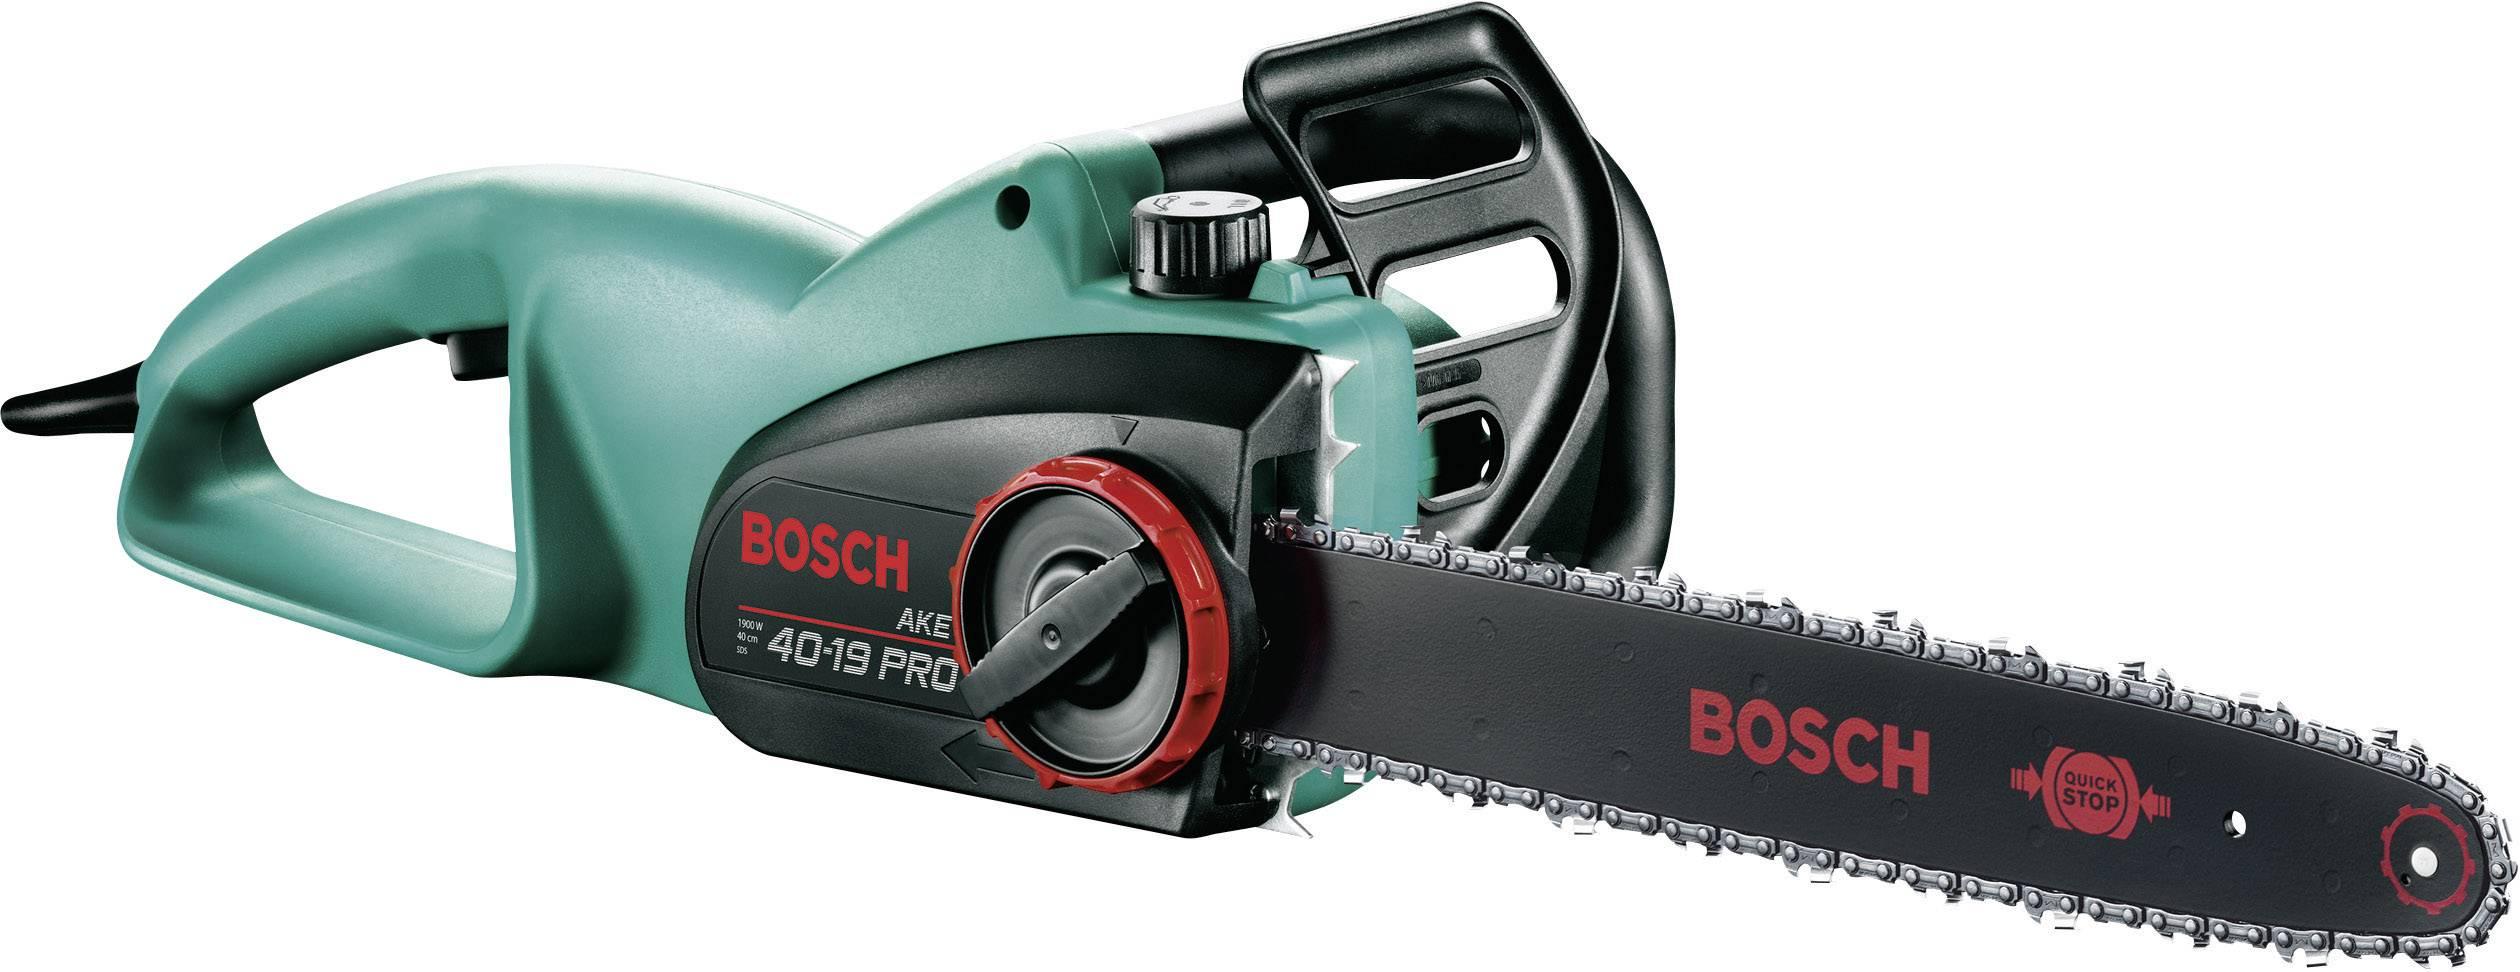 Elektrická řetězová pila Bosch Home and Garden AKE 40-19 PRO, 230 V, 1 900 W, délka čepele 400 mm